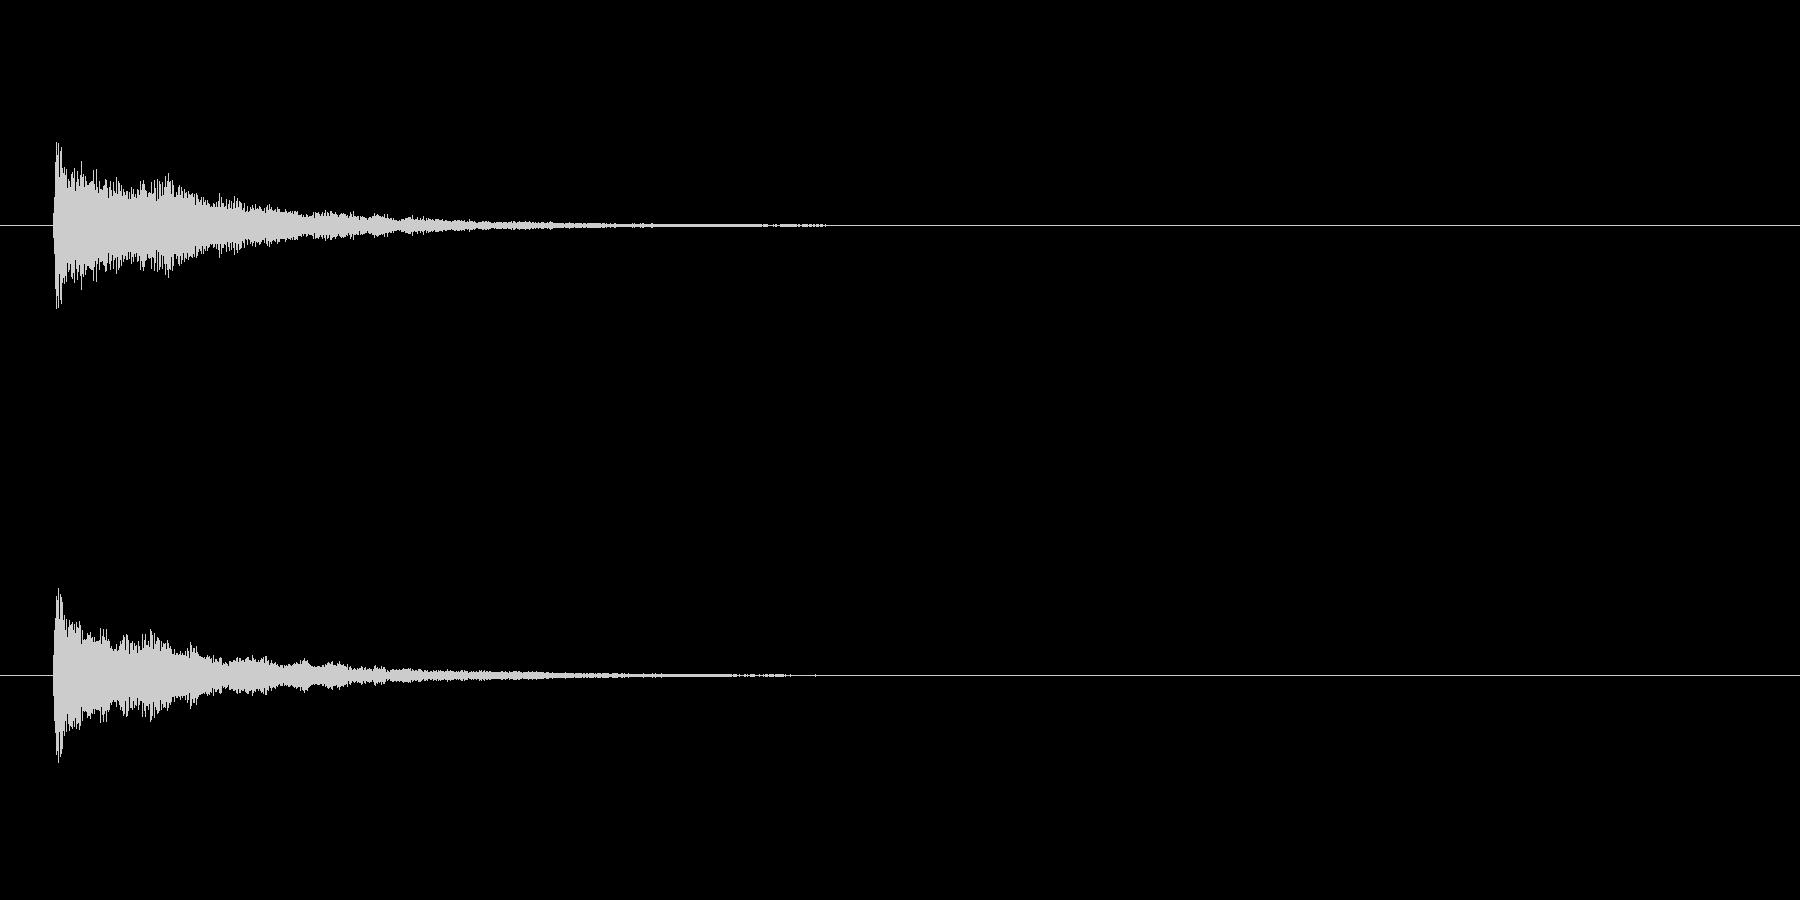 レベルアップ効果音の未再生の波形